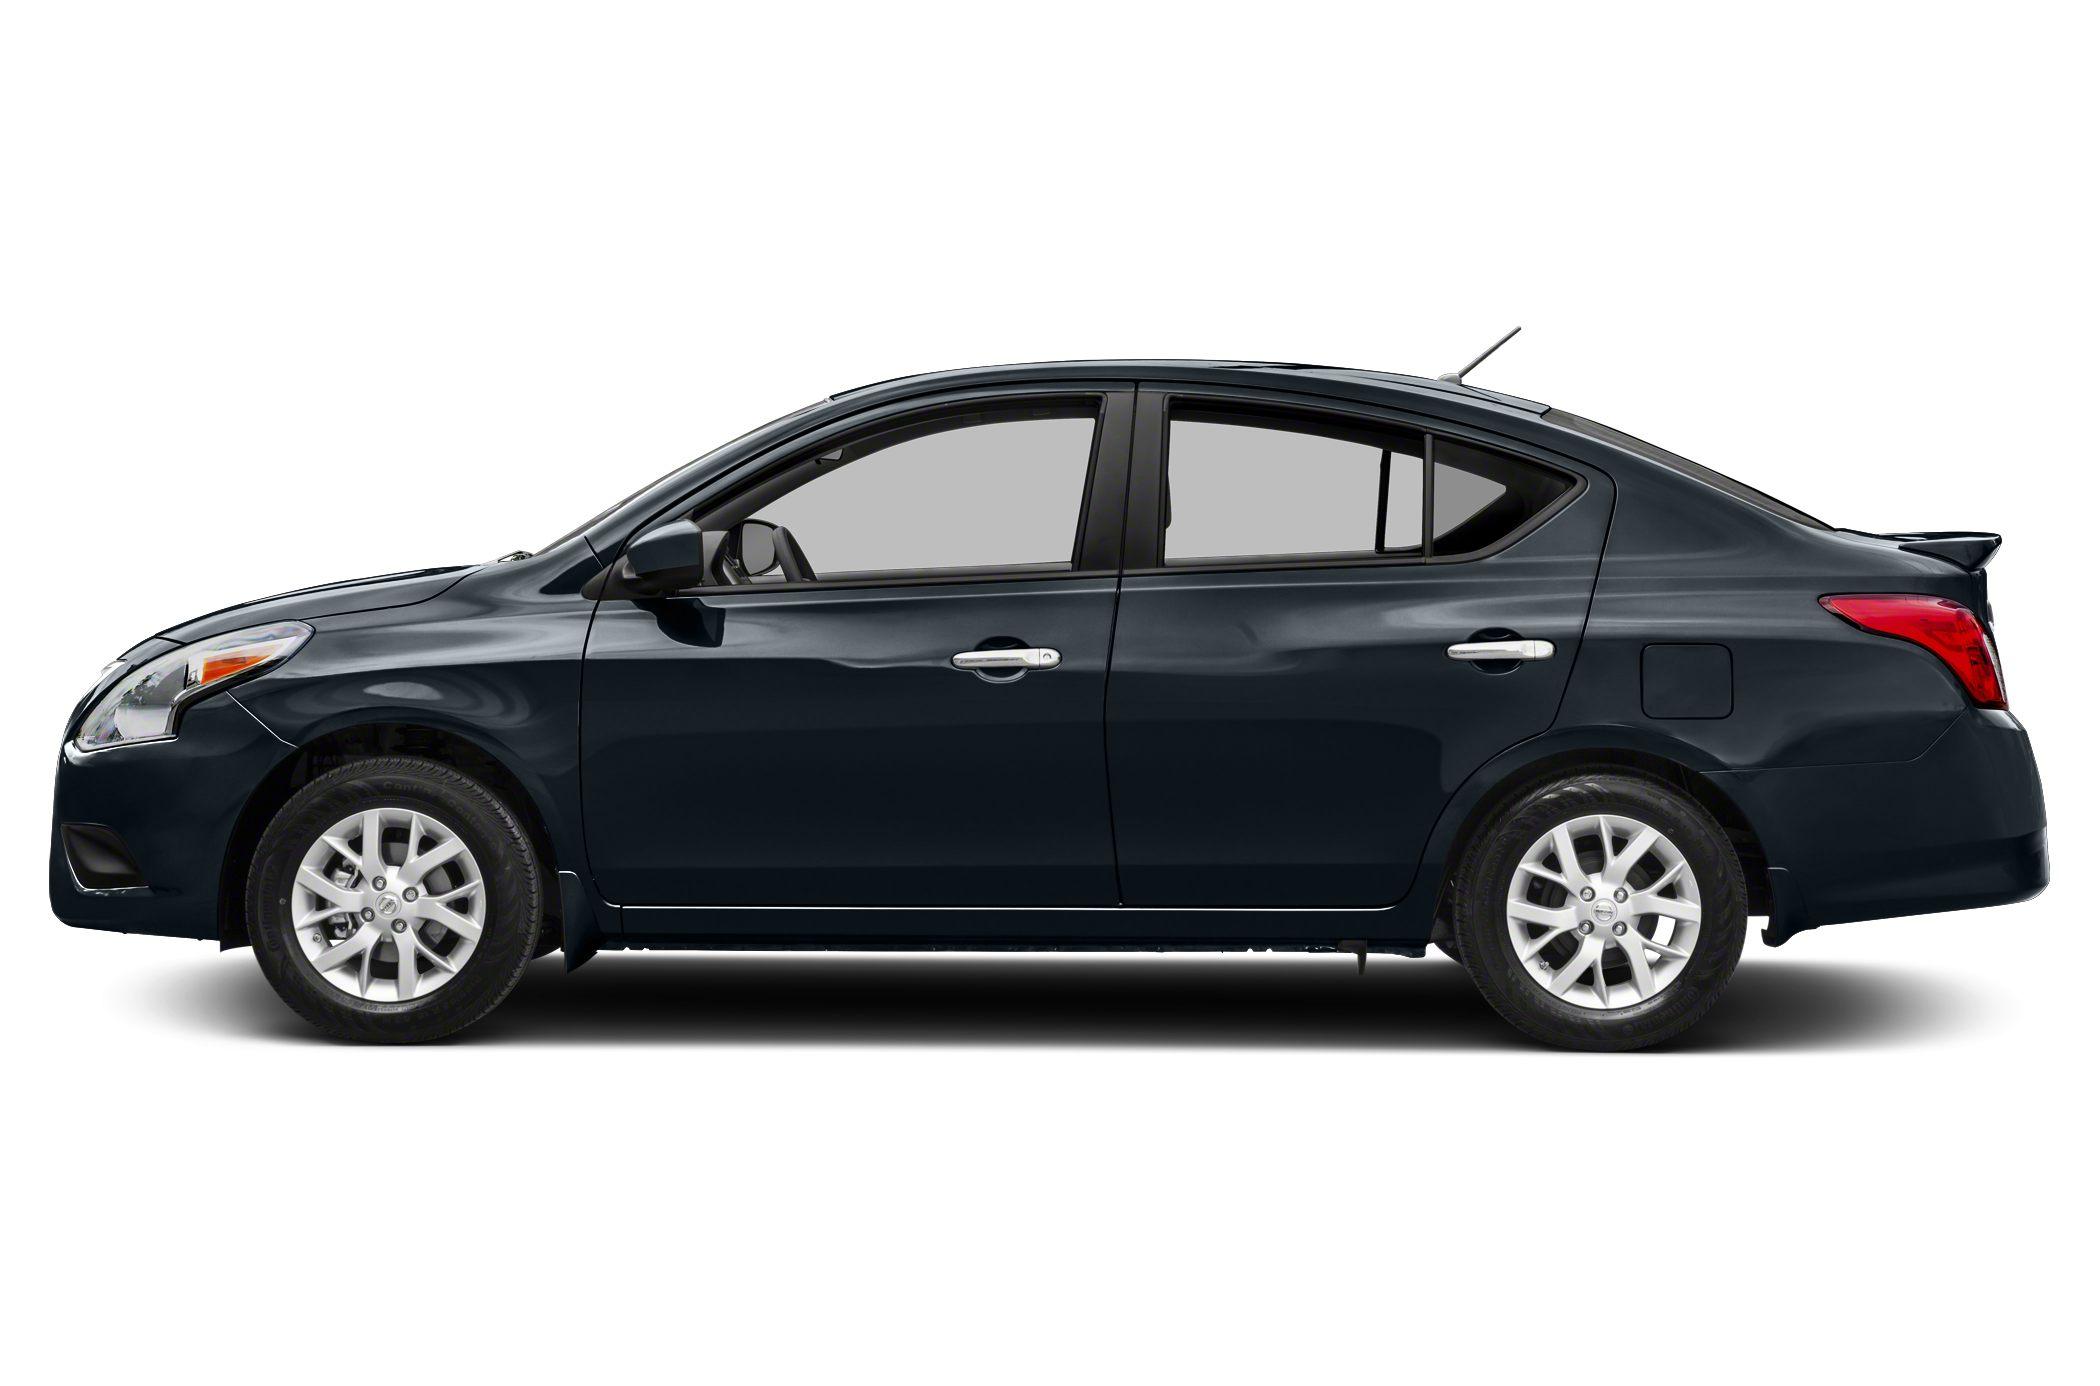 Original 2017 Nissan Versa Reviews Specs And Prices  Carscom